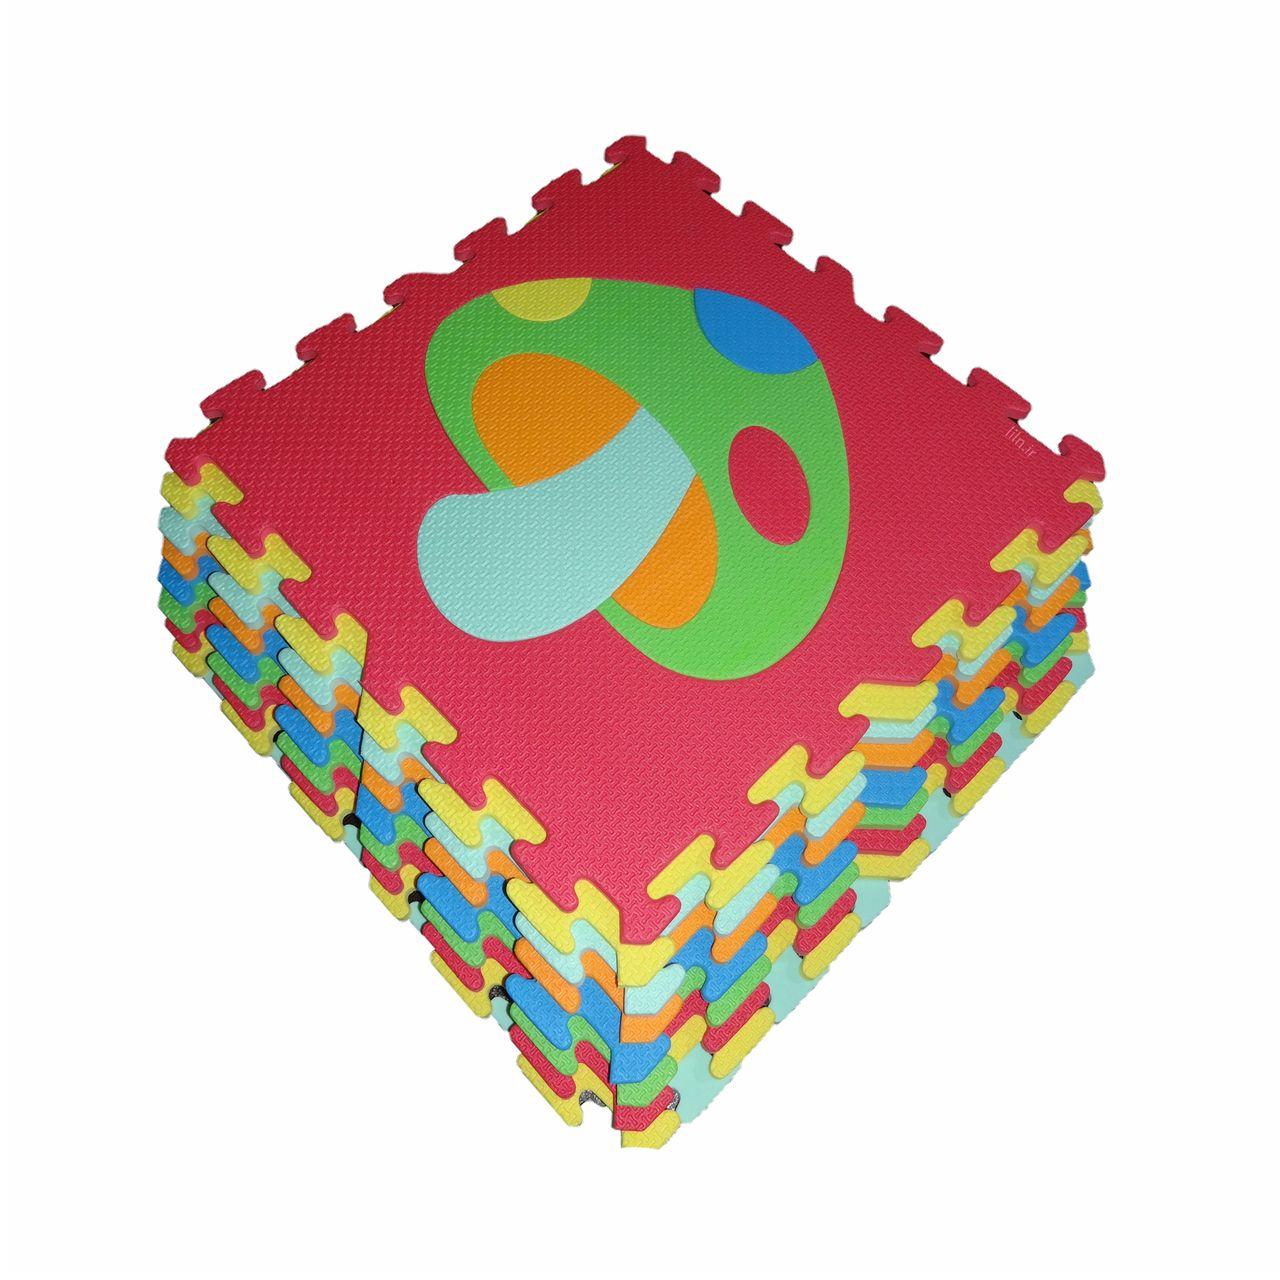 کفپوش تاتامی مدل میوه بسته 9 عددی